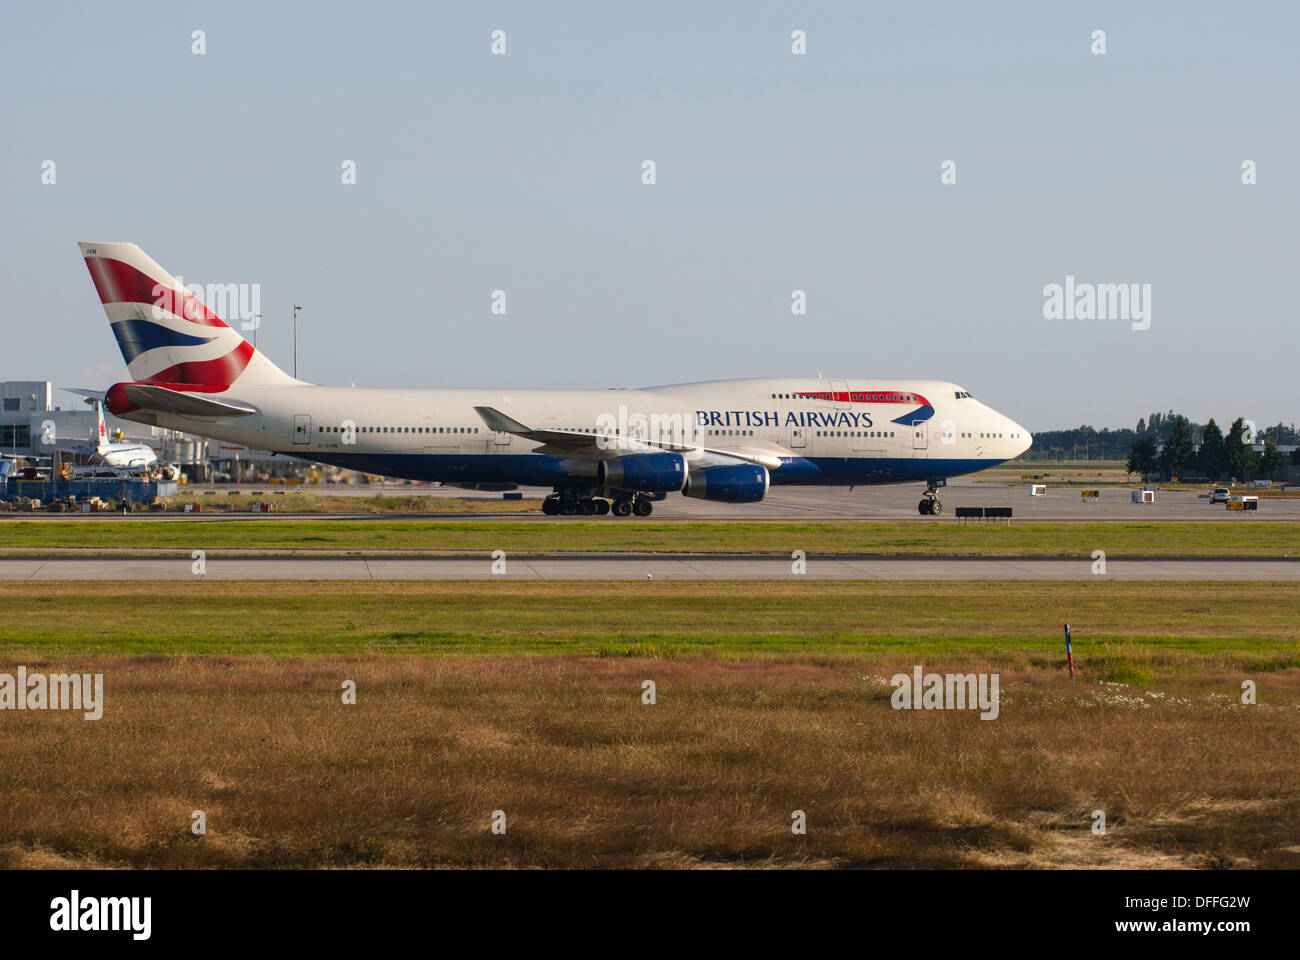 British Airways Boeing 747-436 abajo en la pista de rodadura YVR, el Aeropuerto Internacional de Vancouver. Imagen De Stock